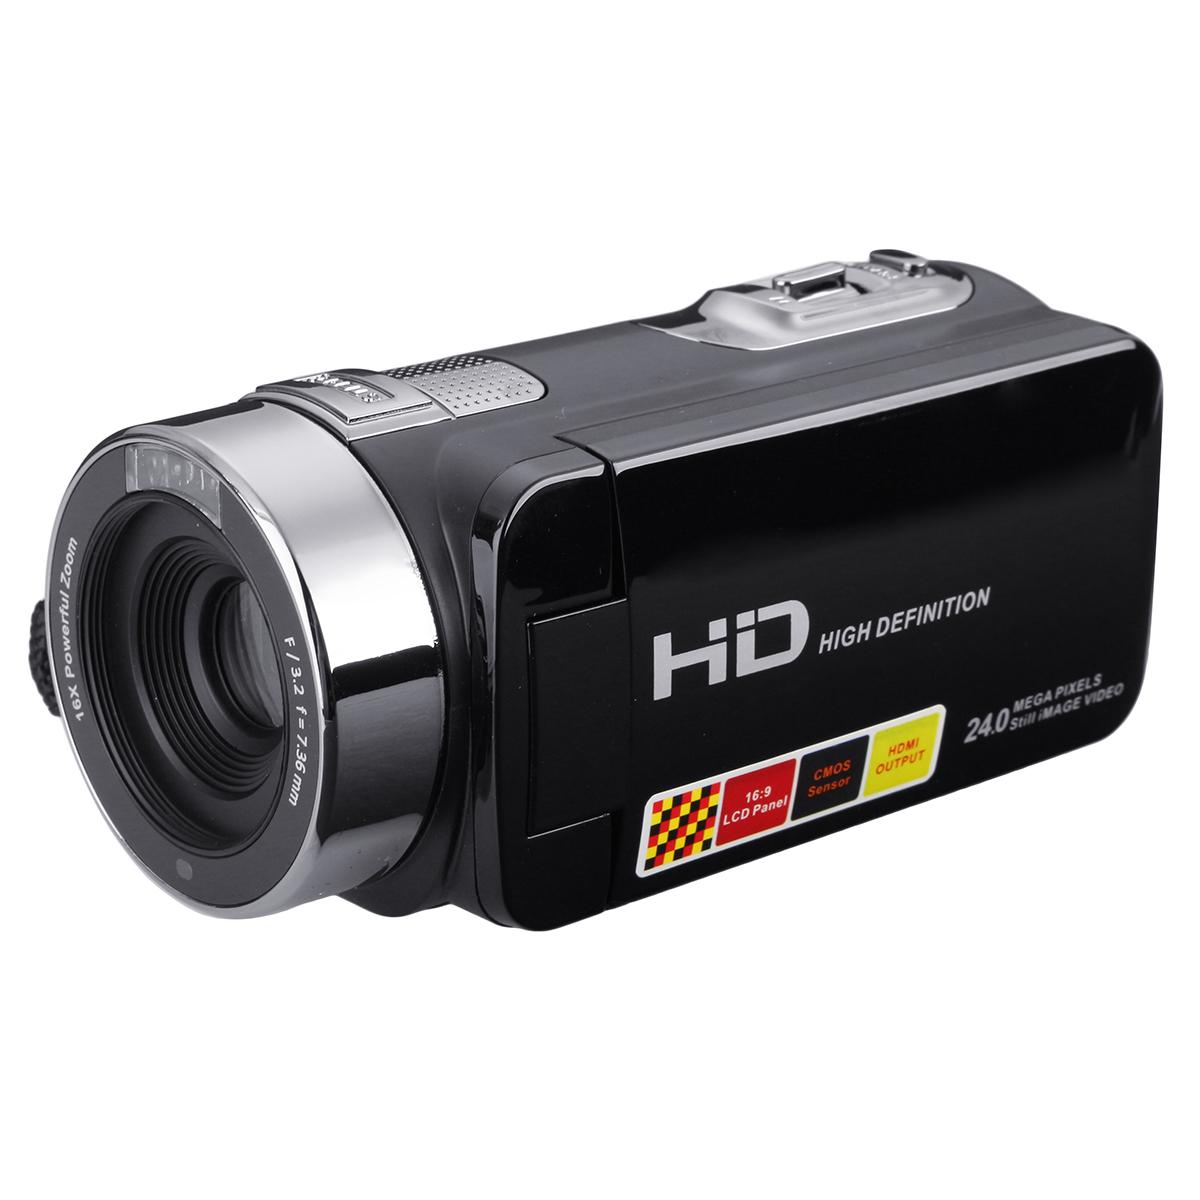 3.0 inch 1080P FHD Видеокамера Ночная съемка 24MP Цифровая камера С Дистанционное Управление